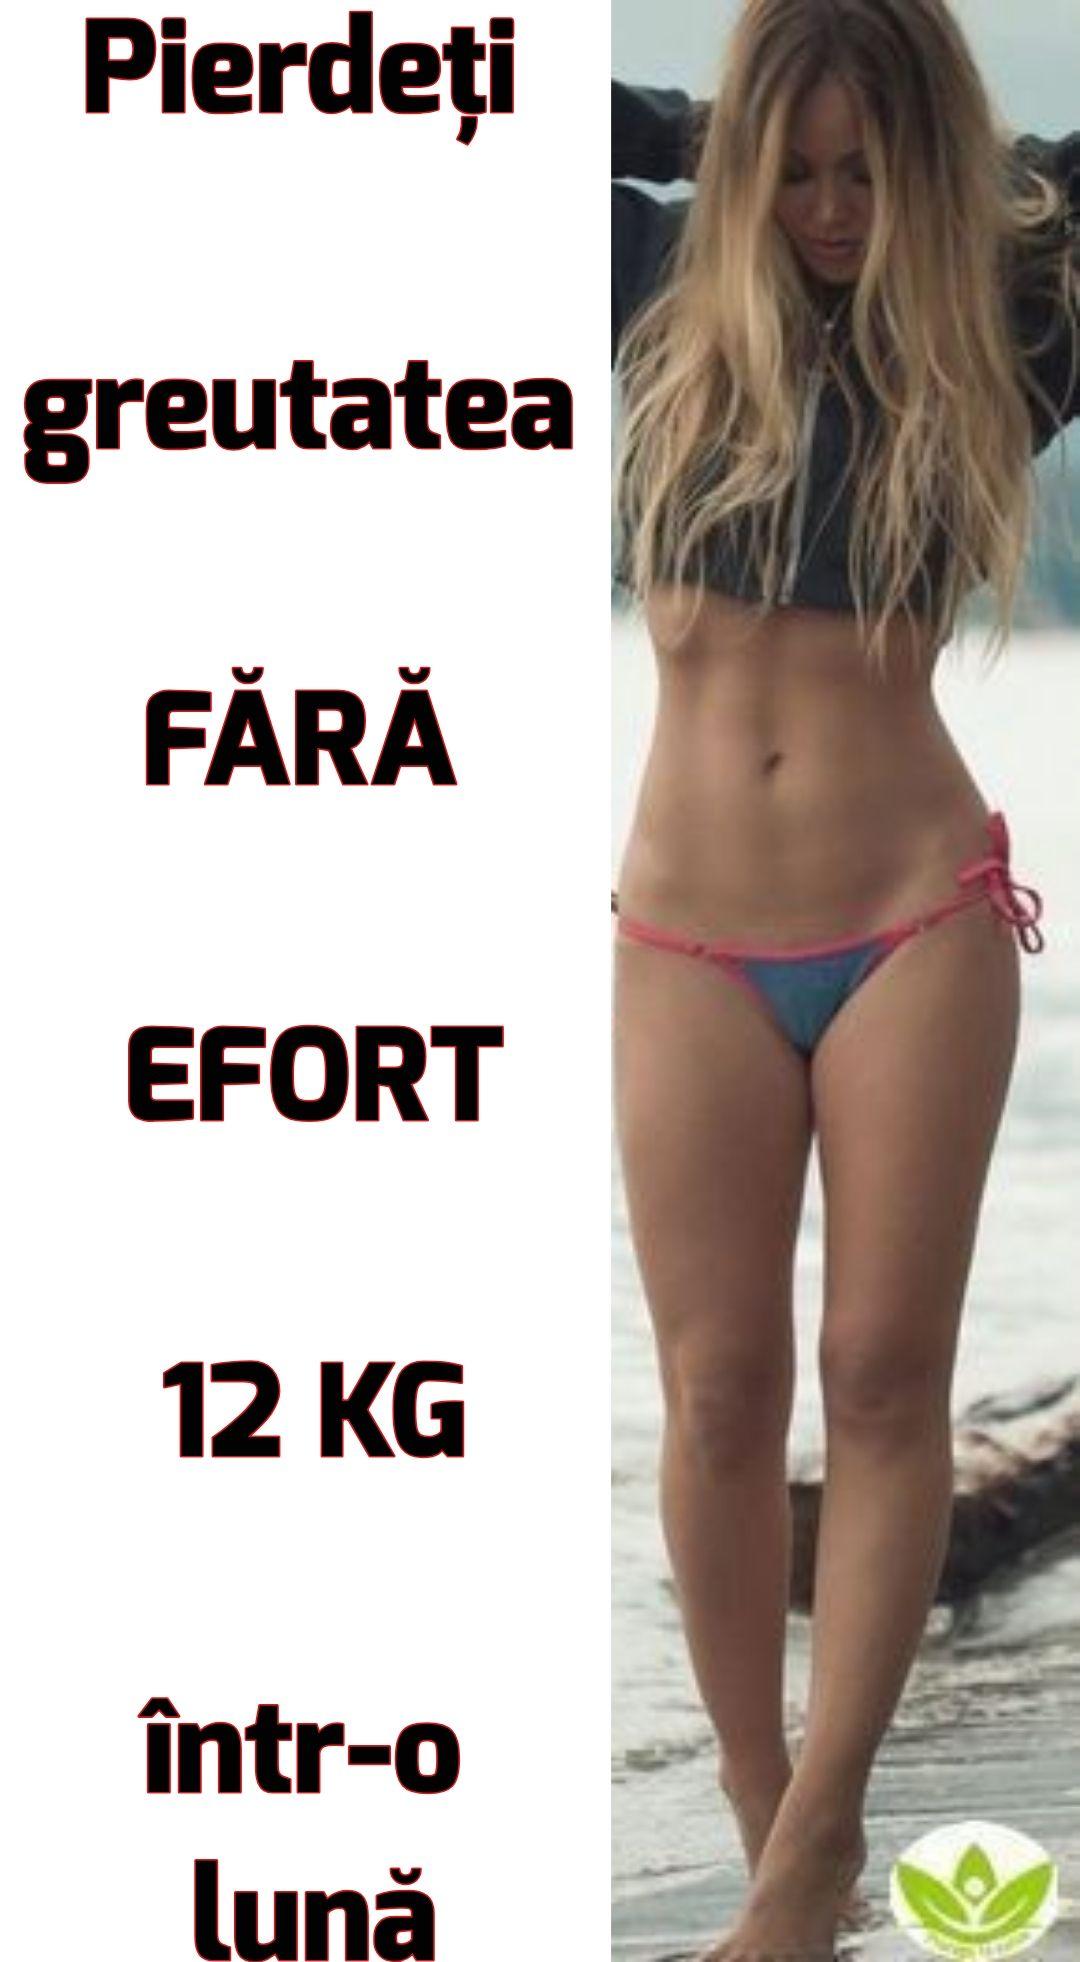 25 kg pierdere în greutate în 1 lună